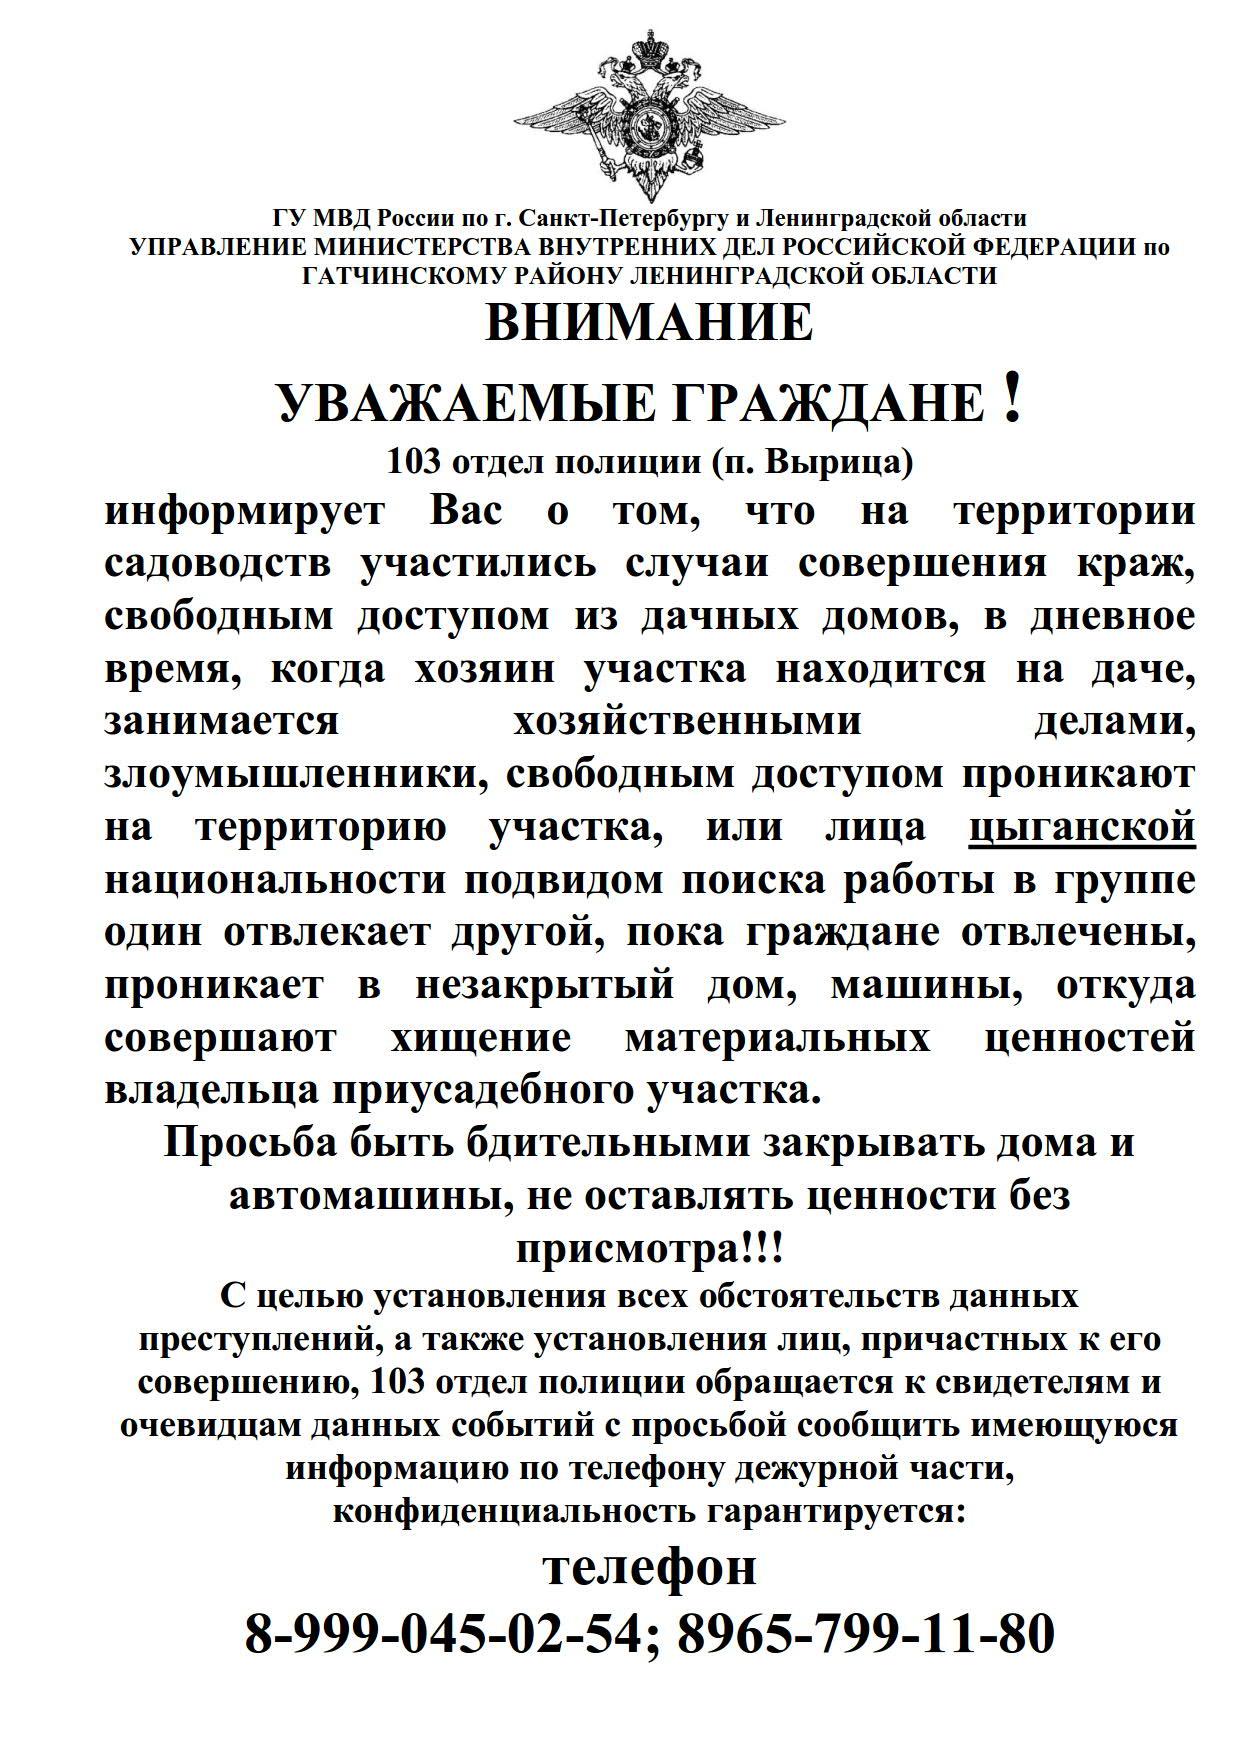 Объявление по краже СНТ 2016_1